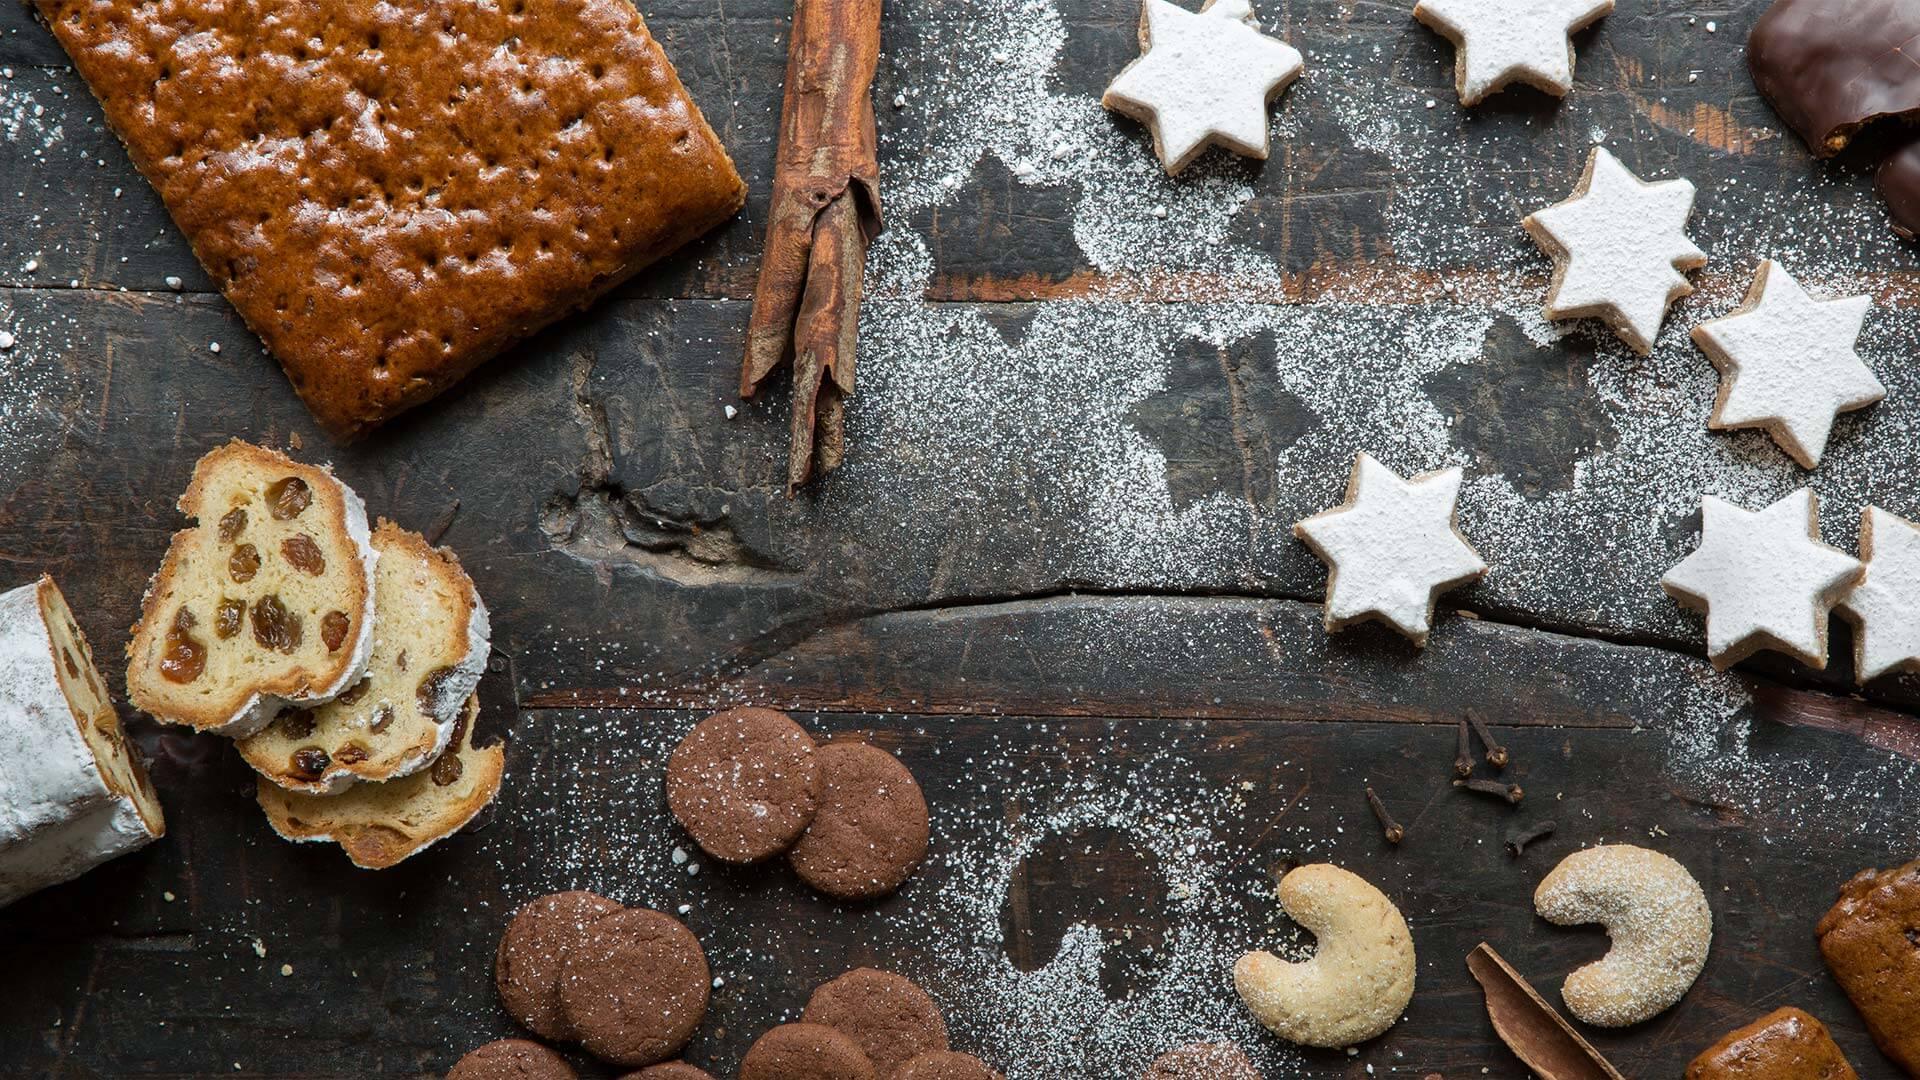 Traditionelles Weihnachtsgebäck.Die Geschichte Des Weihnachtsgebäck Bäckerei Schmitz Nittenwilm